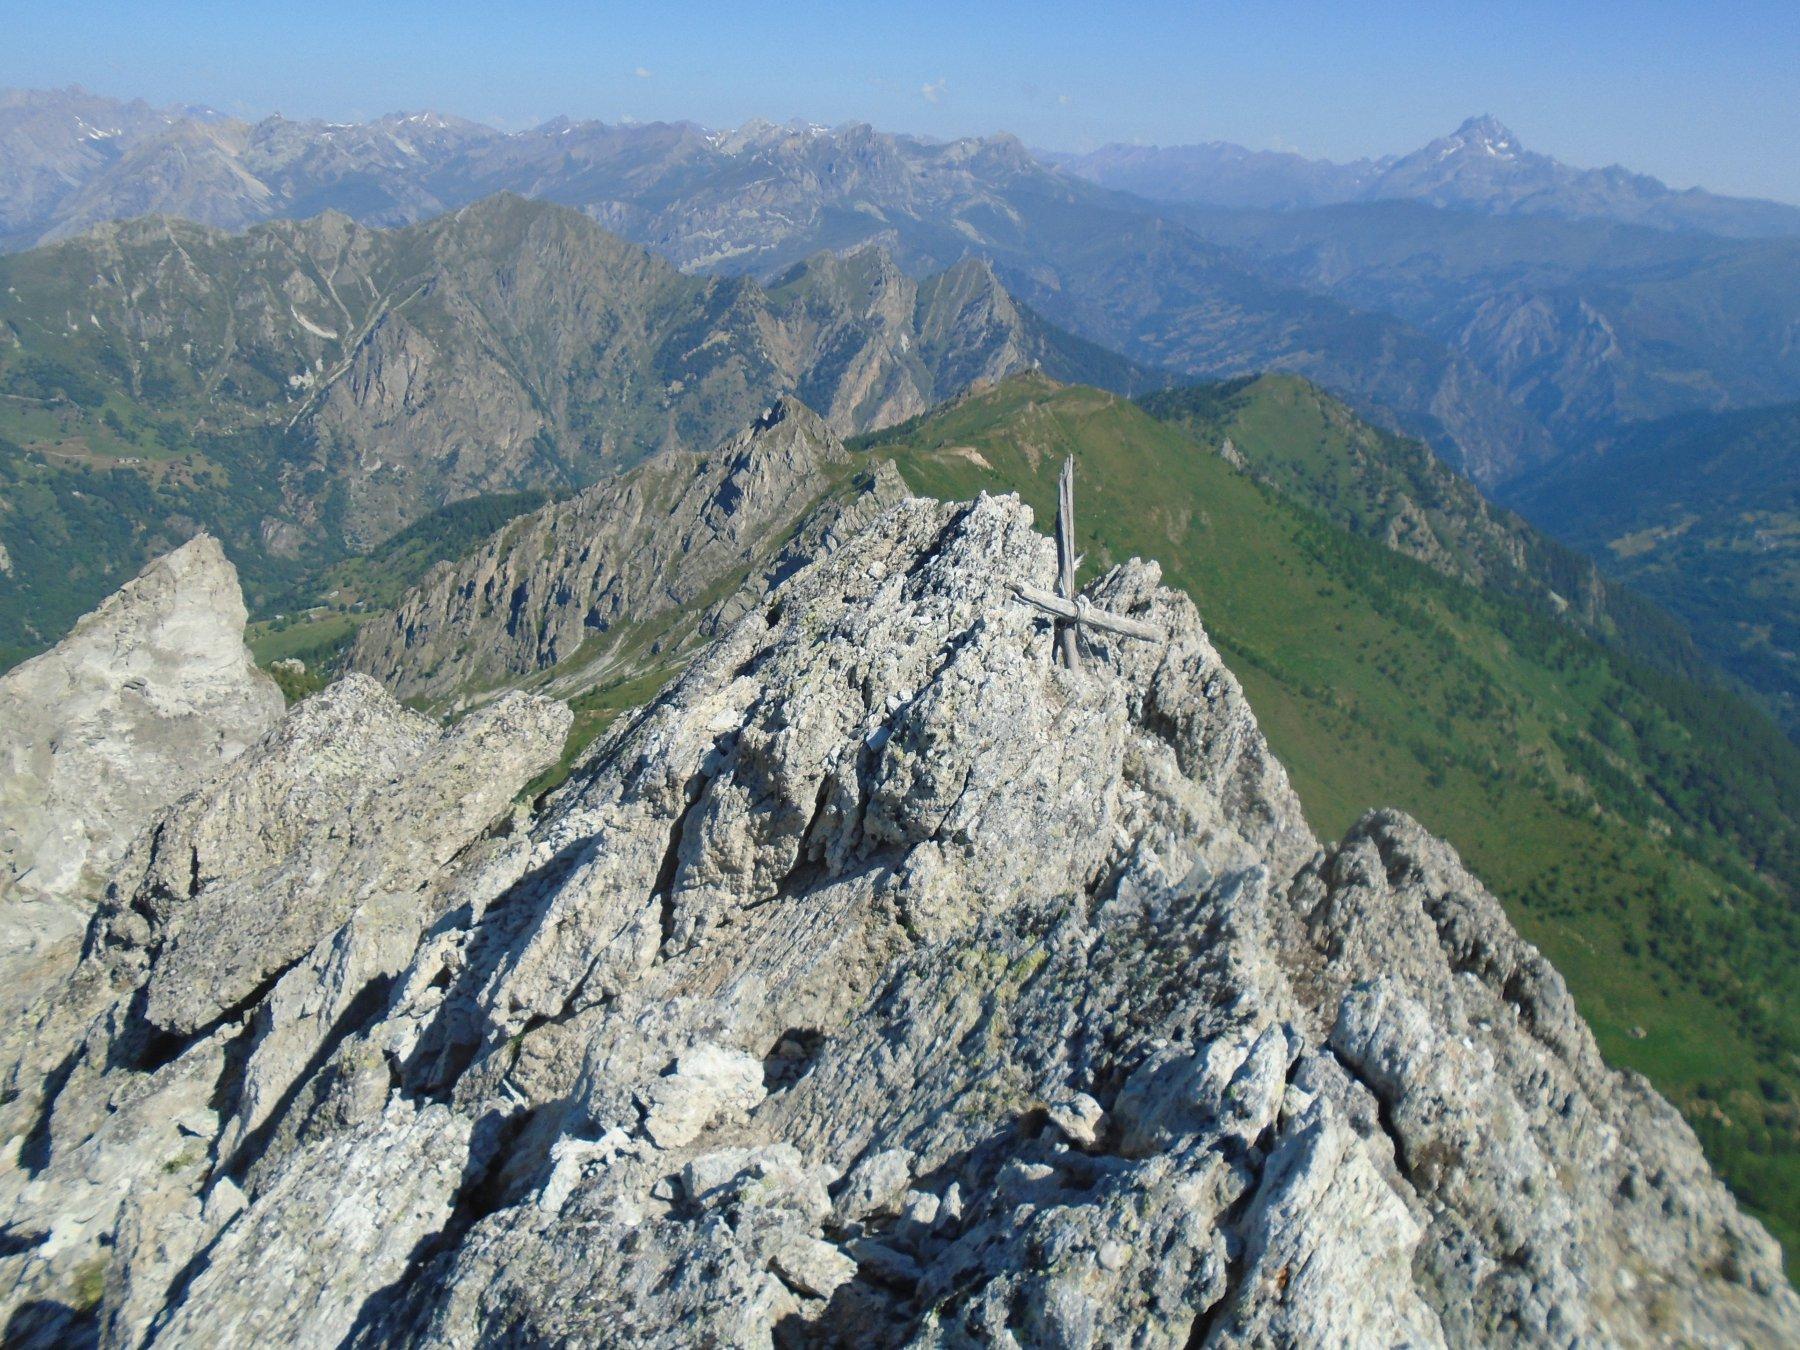 La rustica croce della vicina punta nord-ovest